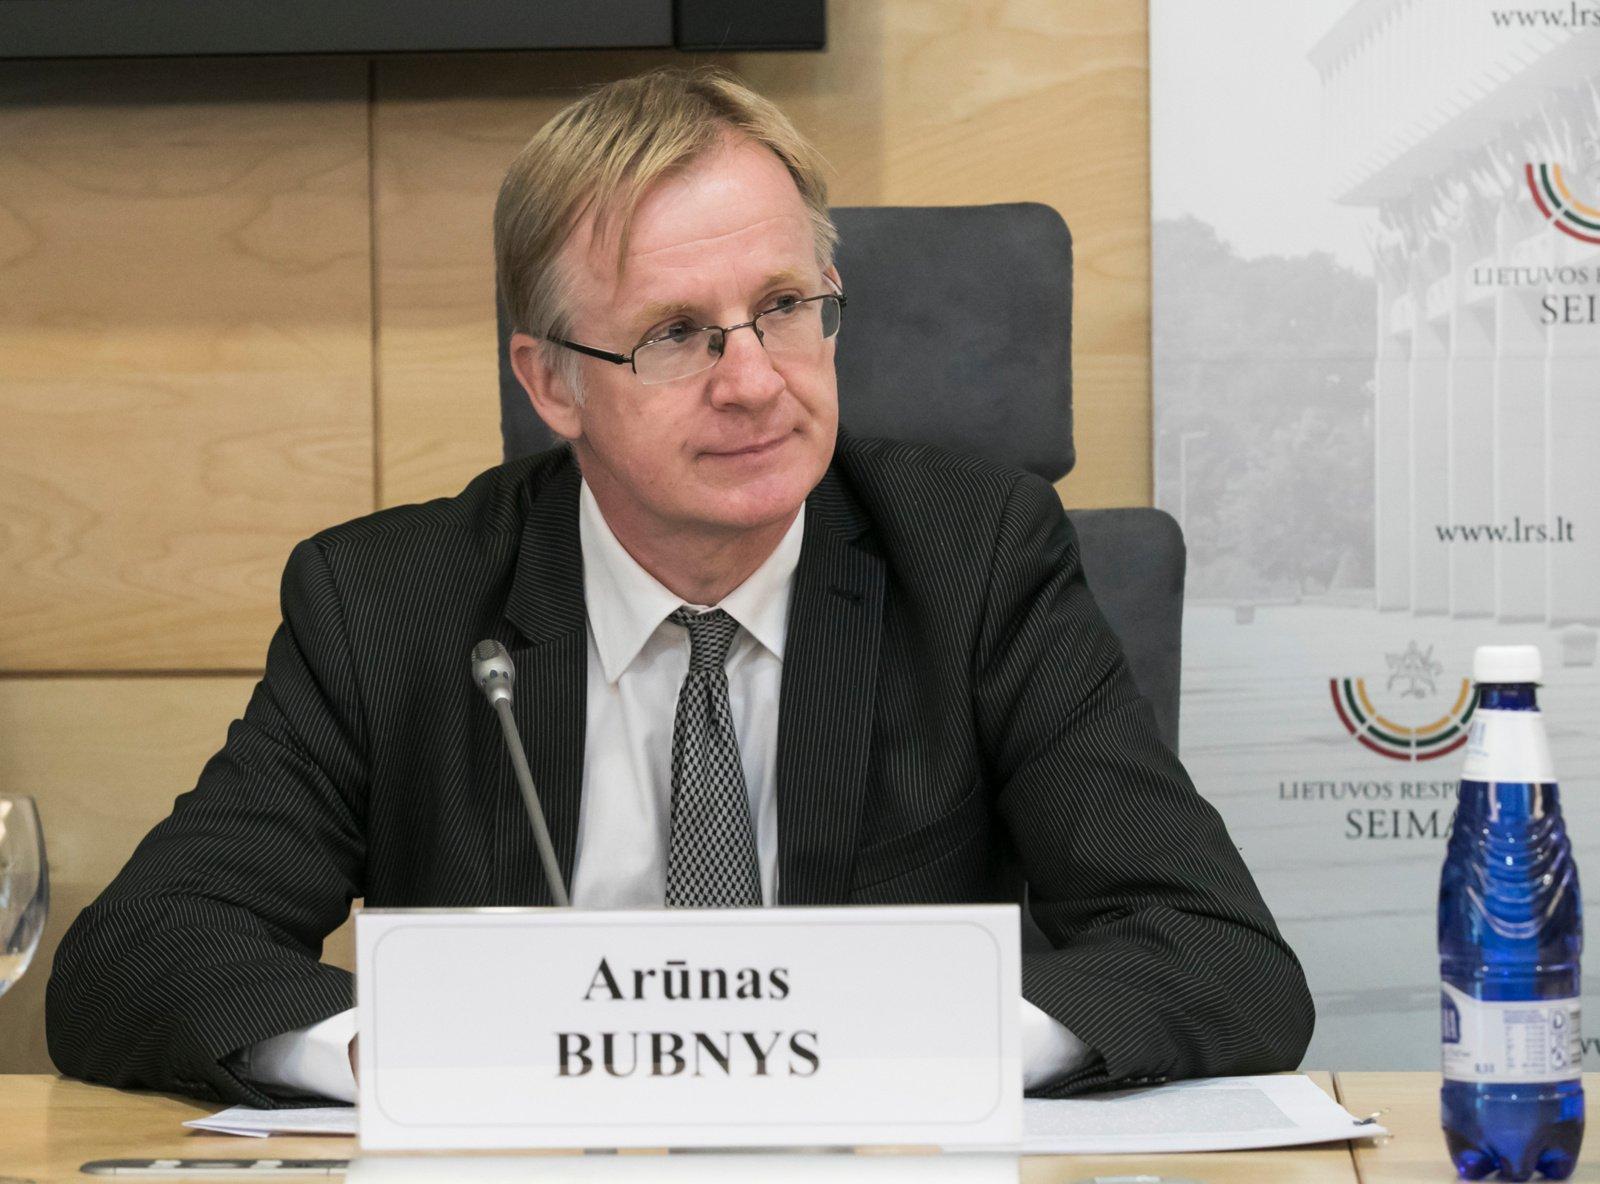 A. Bubnys prisistatė Seimui: mes nesiekėme perversmo prieš A. Jakubauską, tiesiog jį kritikavome